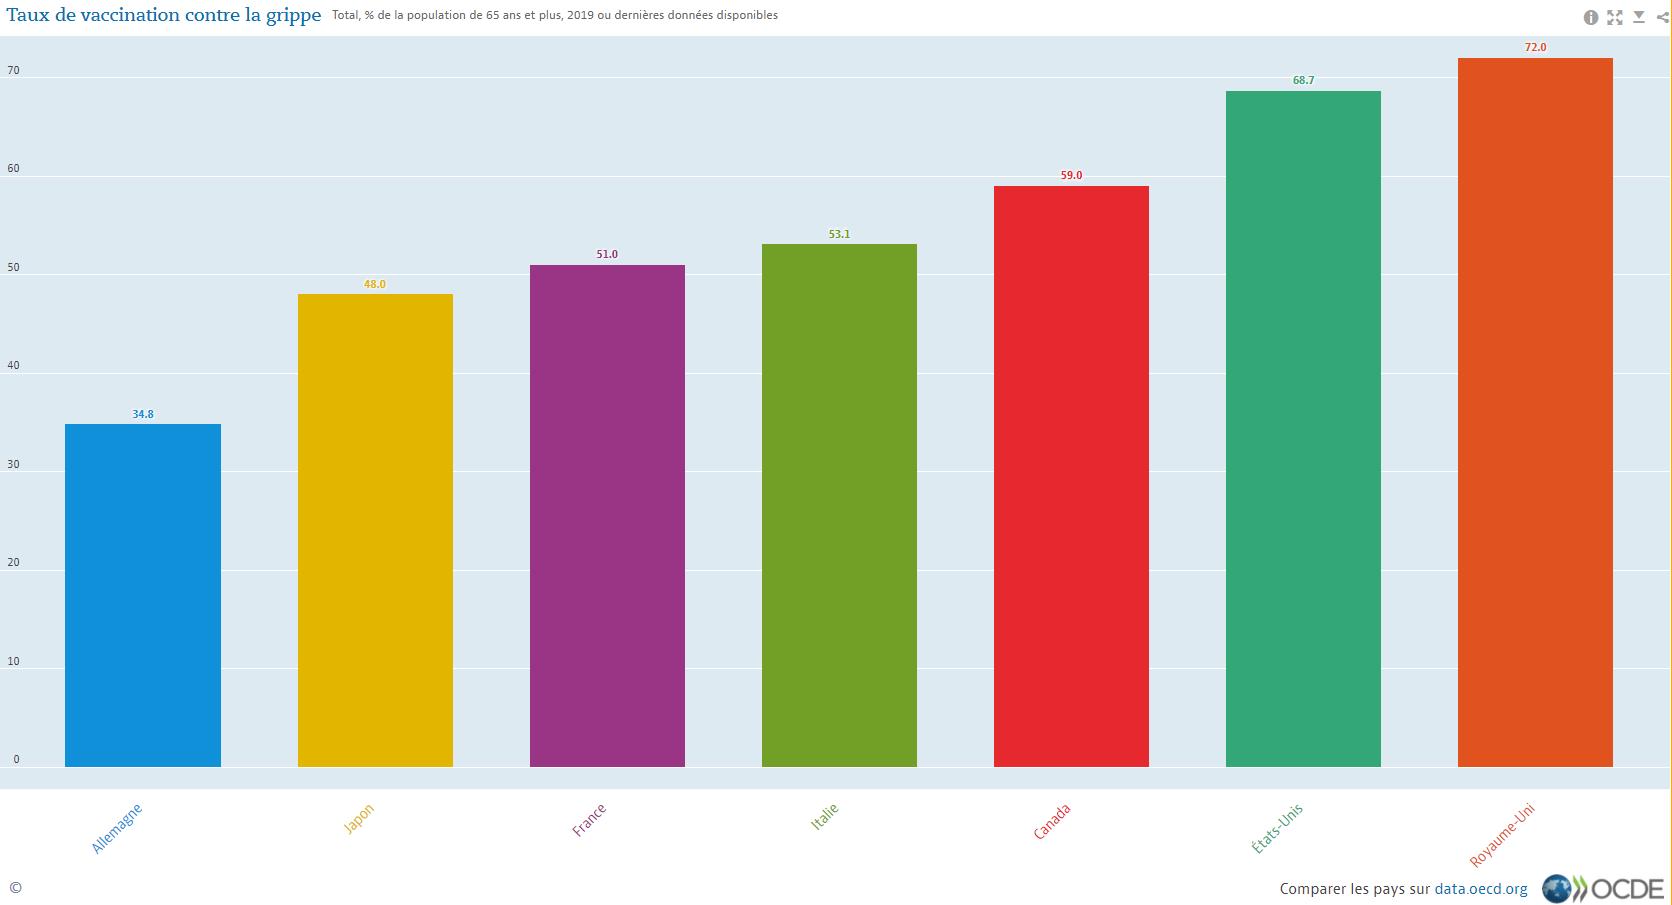 De grandes disparités dans les taux de vaccination contre la grippe